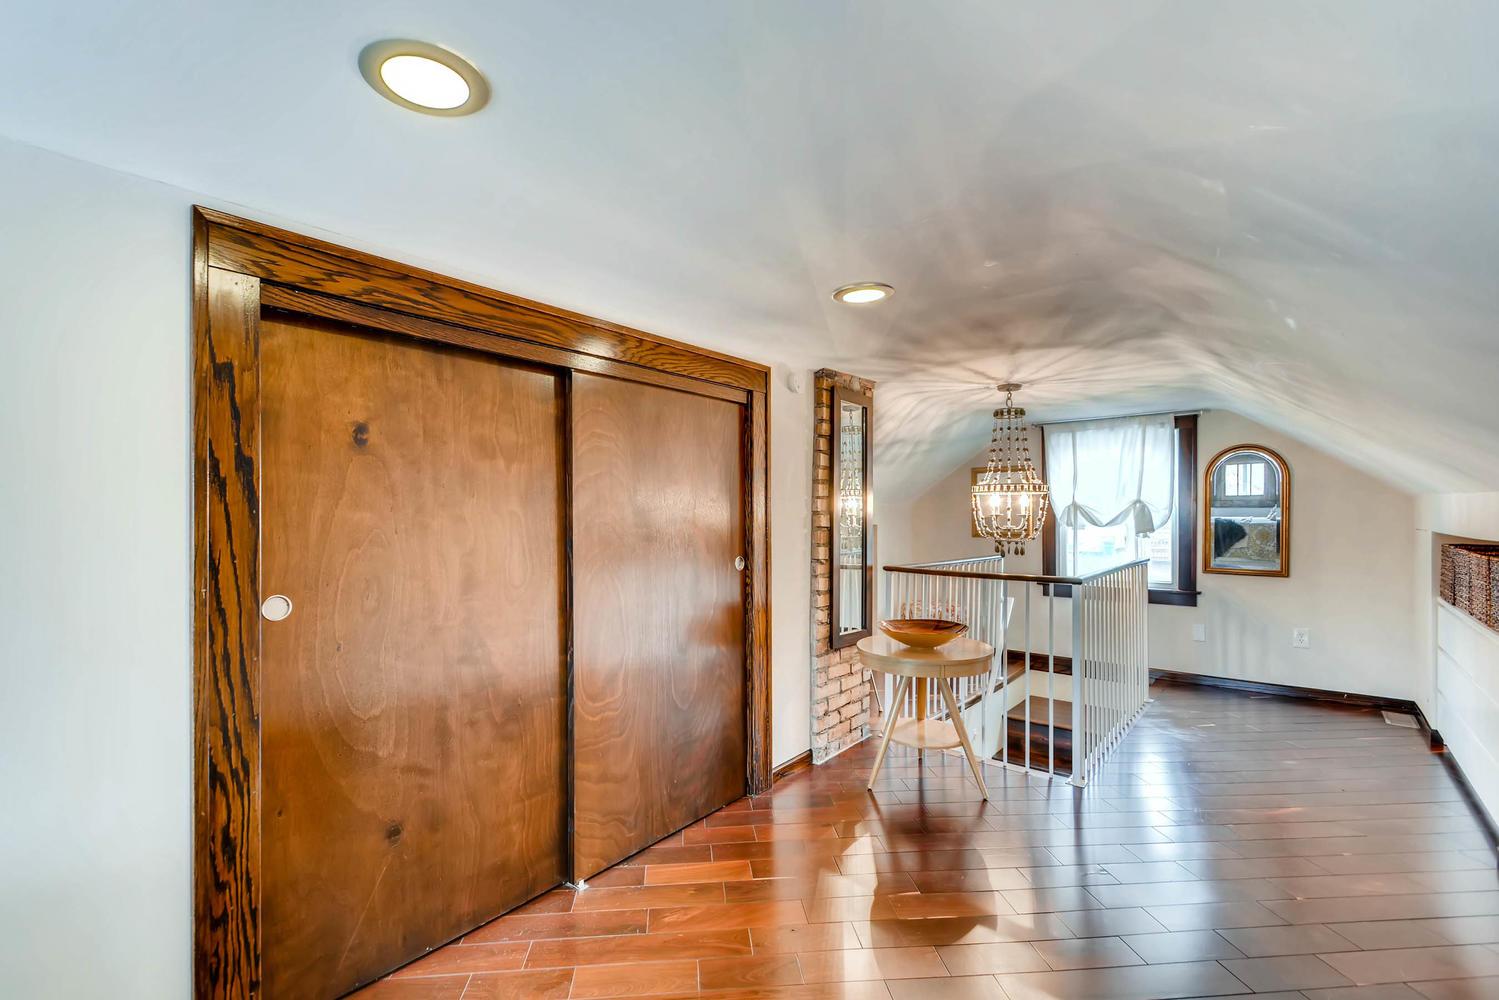 2622 Cleveland St NE-large-022-8-2nd Floor Bedroom-1500x1000-72dpi.jpg